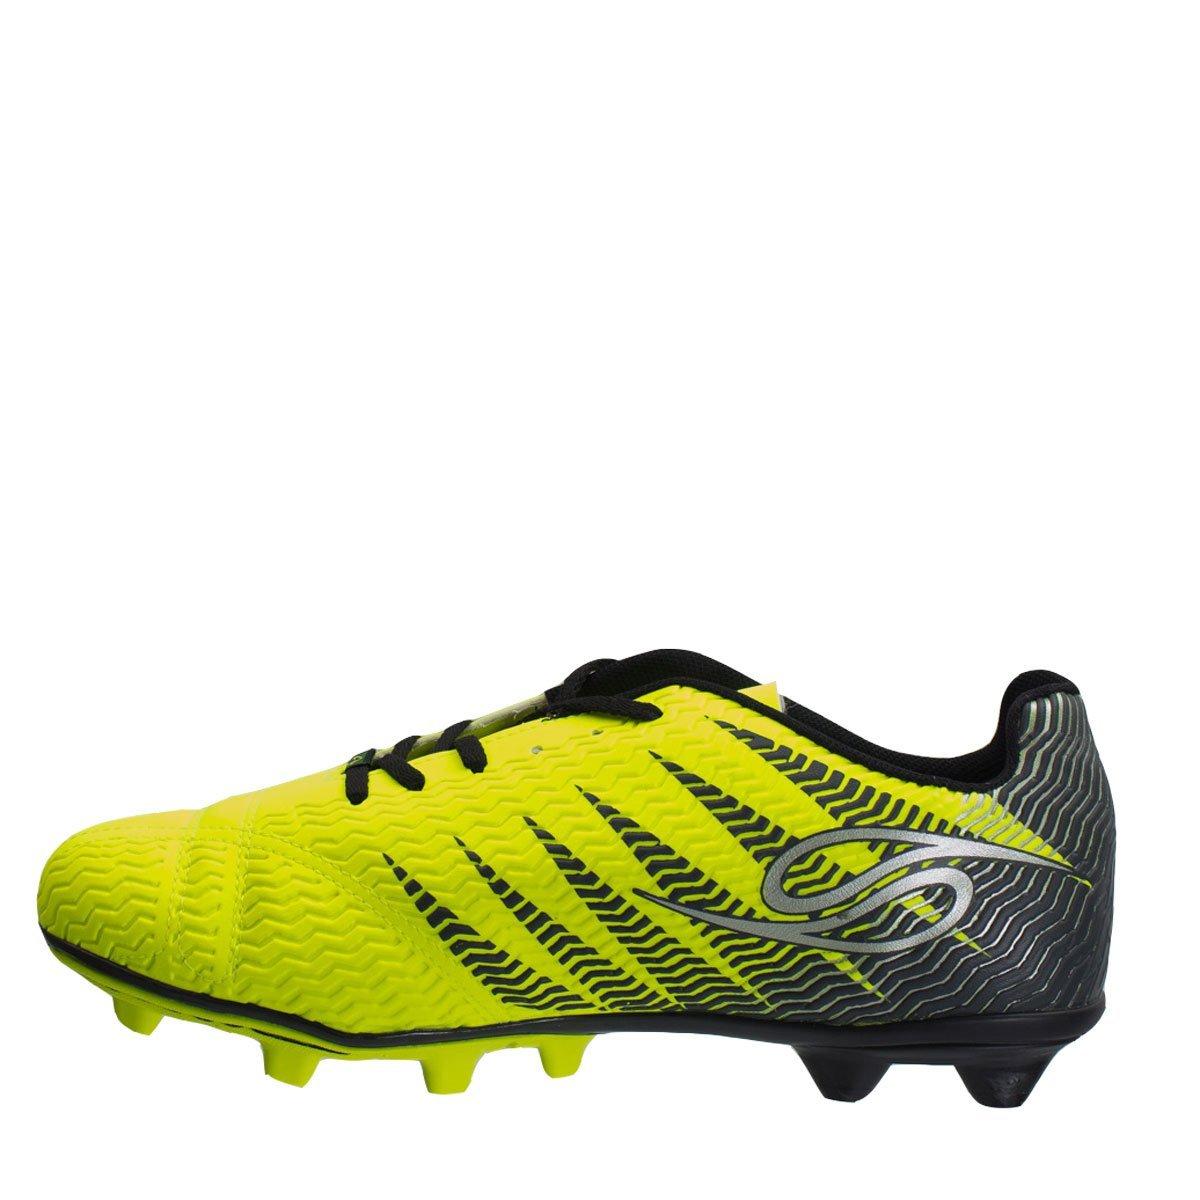 Chuteira Futebol De Campo Dalponte Wembley 822499520 - Compre Agora ... 385402e556cd9